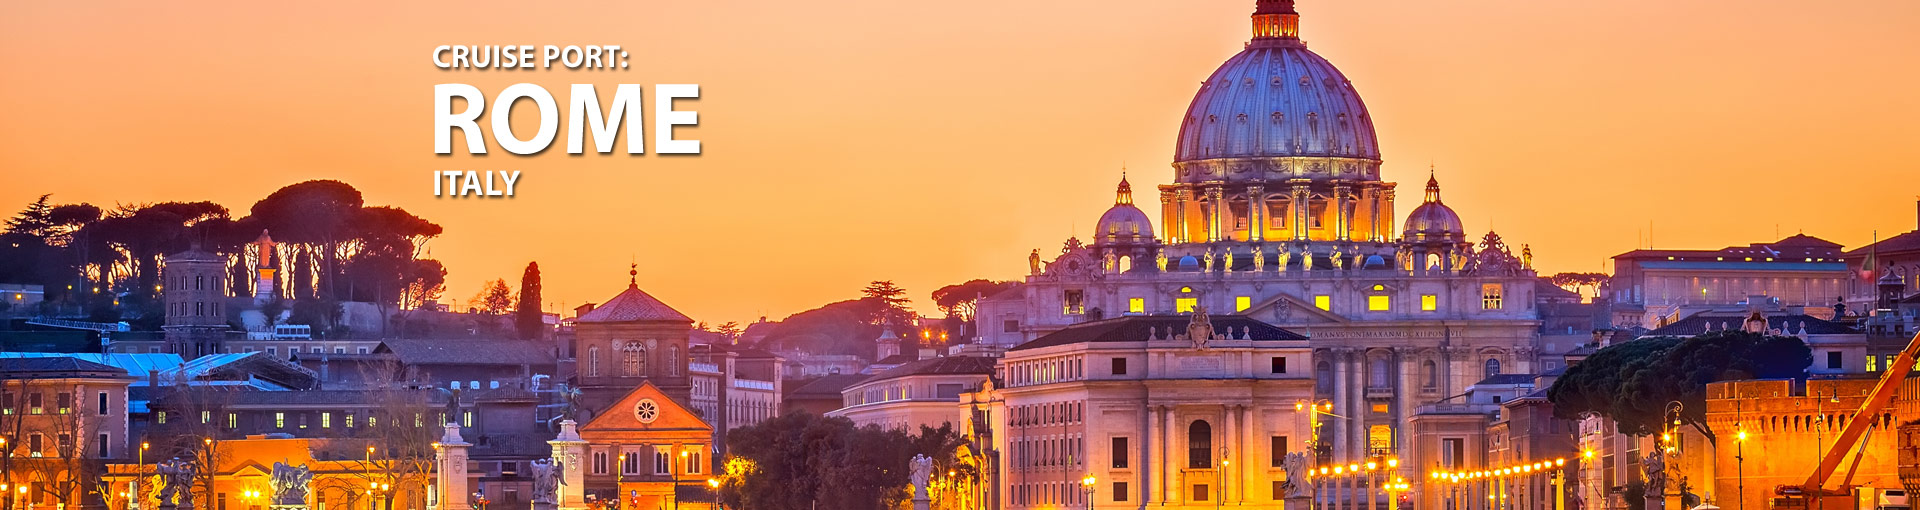 Rome civitavecchia italy cruise port 2014 2015 cruises - Getting from civitavecchia port to rome ...